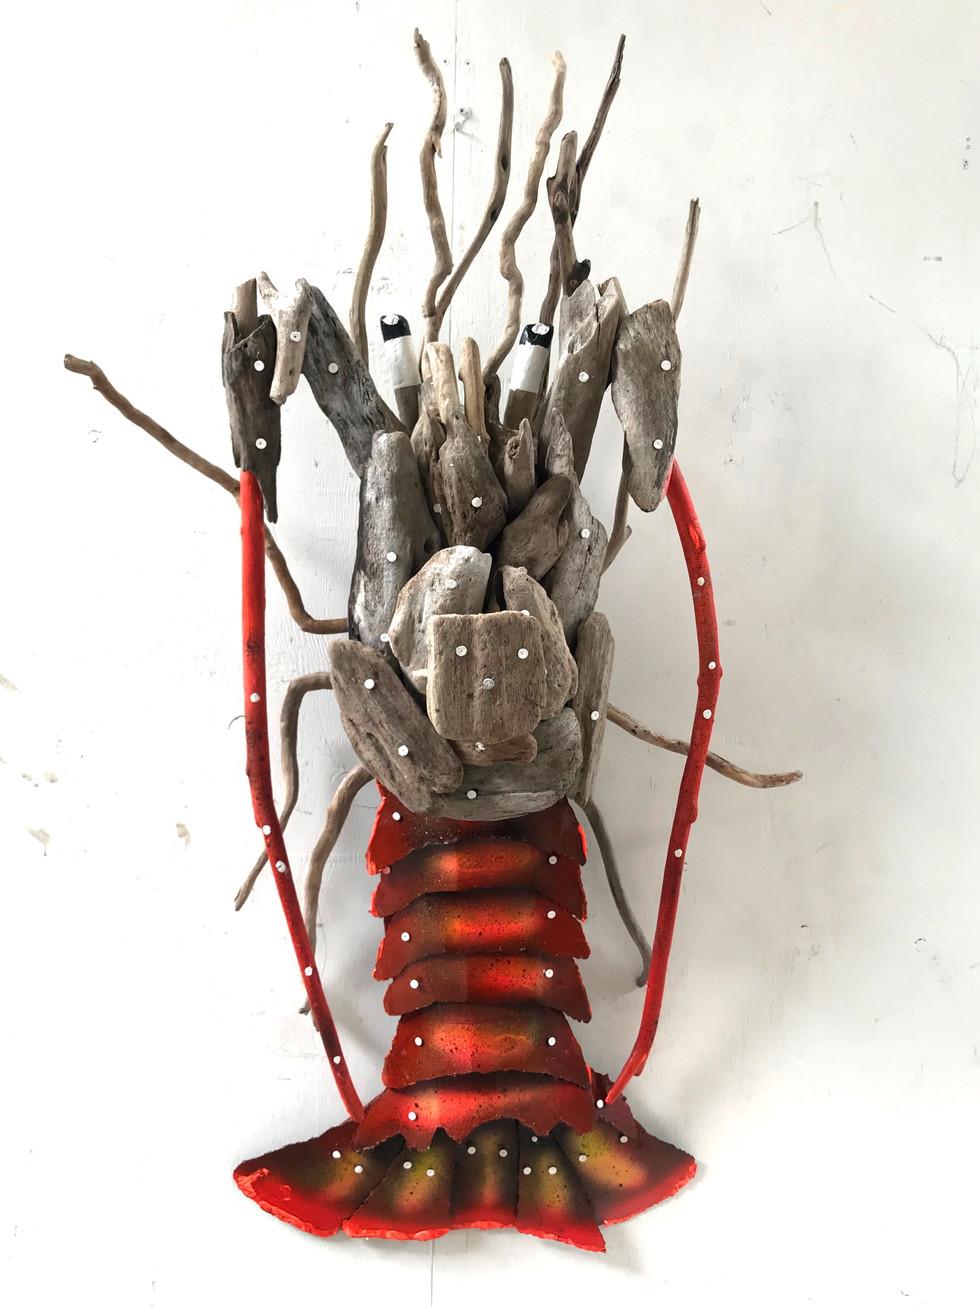 Charles Wilcox Driftwood Crayfish